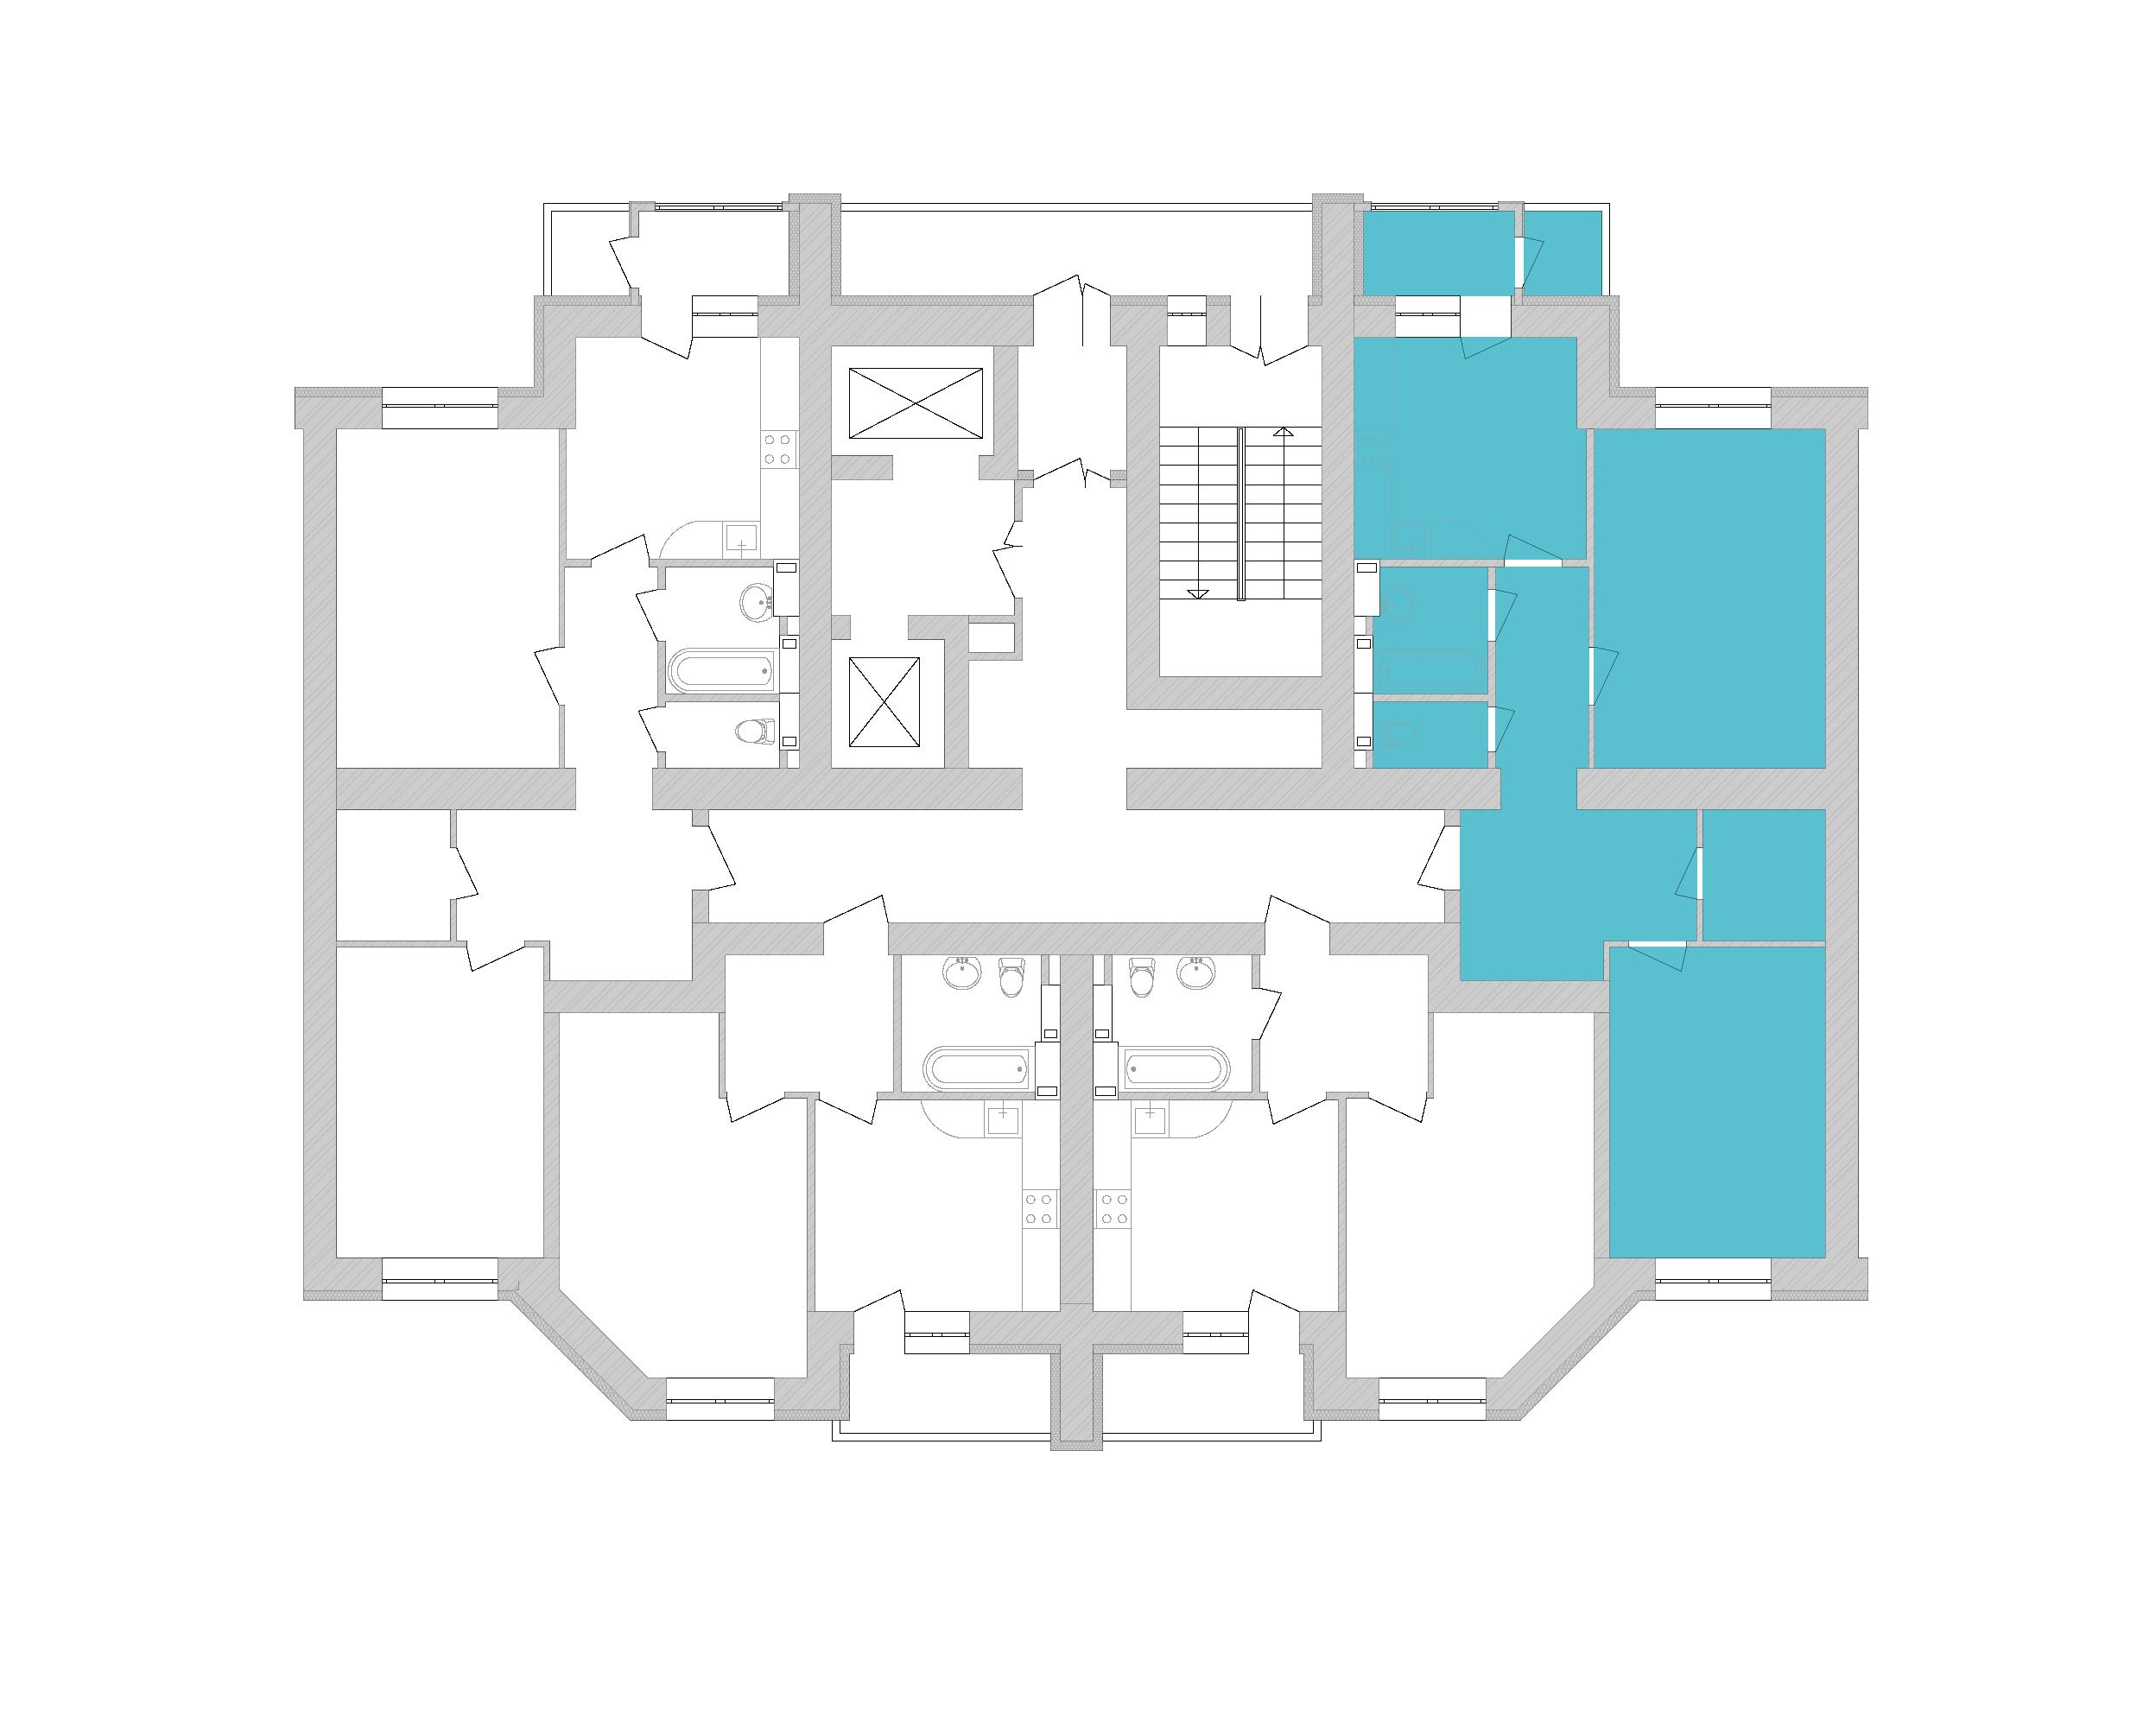 Двокімнатна квартира 73,86 кв.м., тип 2.3, будинок 1, секція 8 розташування на поверсі